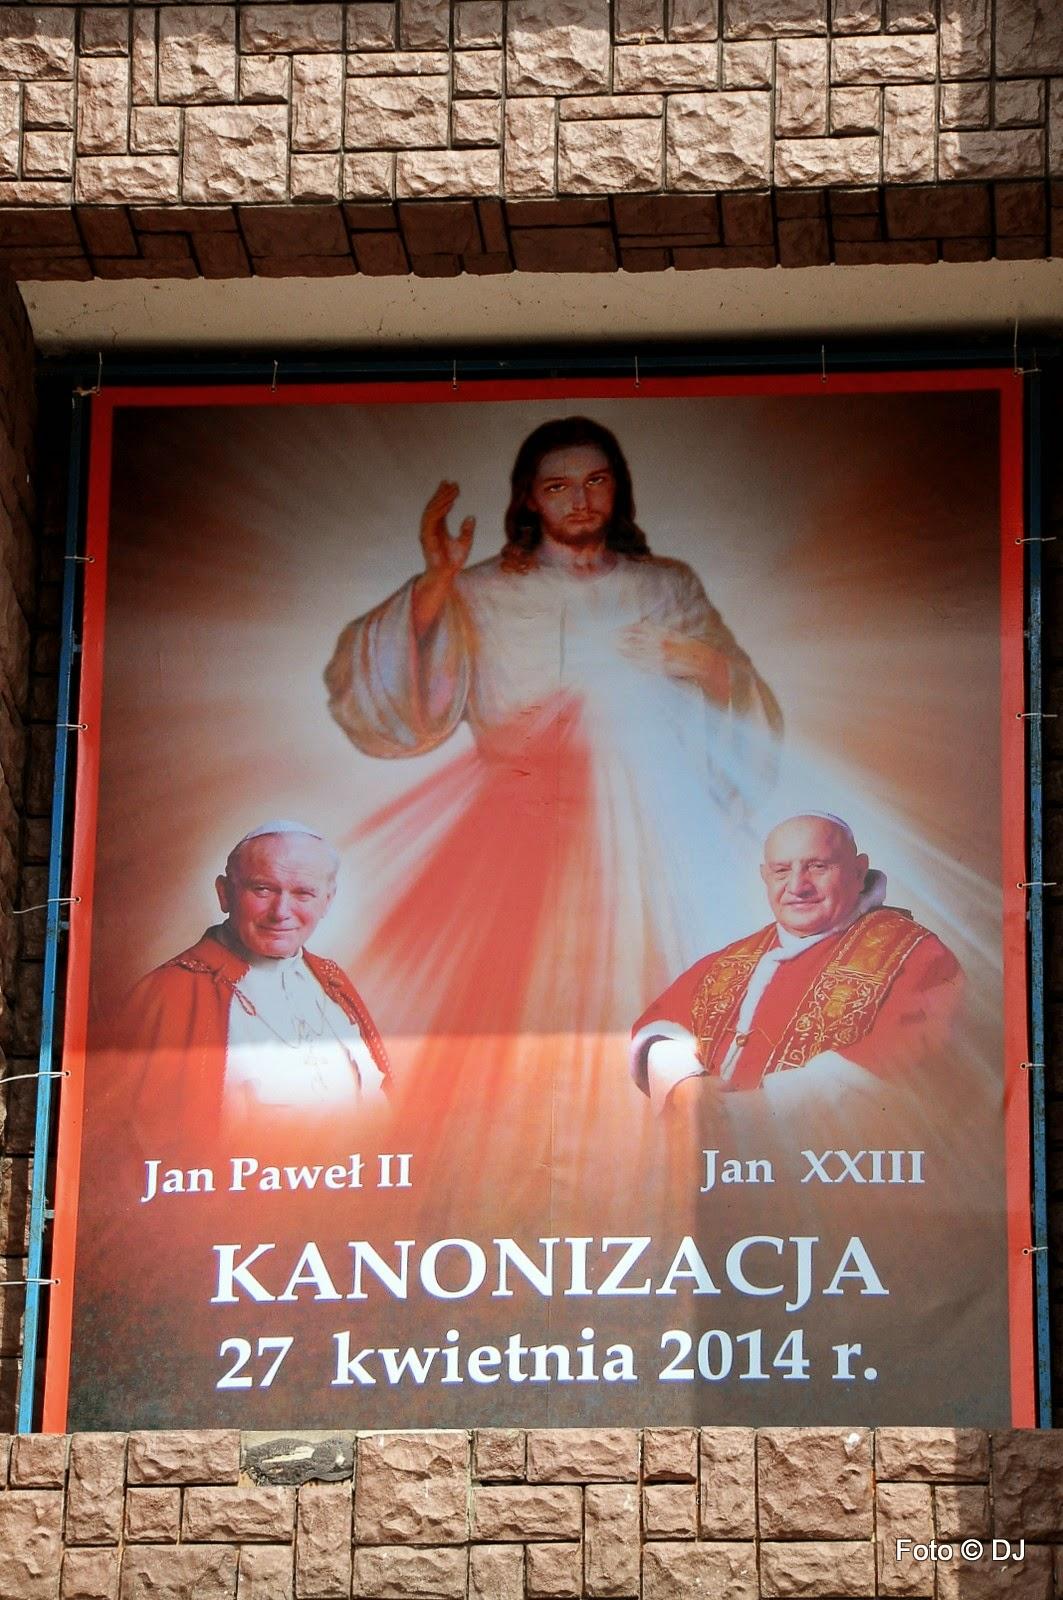 Kanonizacja błogosławionych papieży Jana XXII i Jana Pawła II - Parafia Św. Rodziny w Lublinie